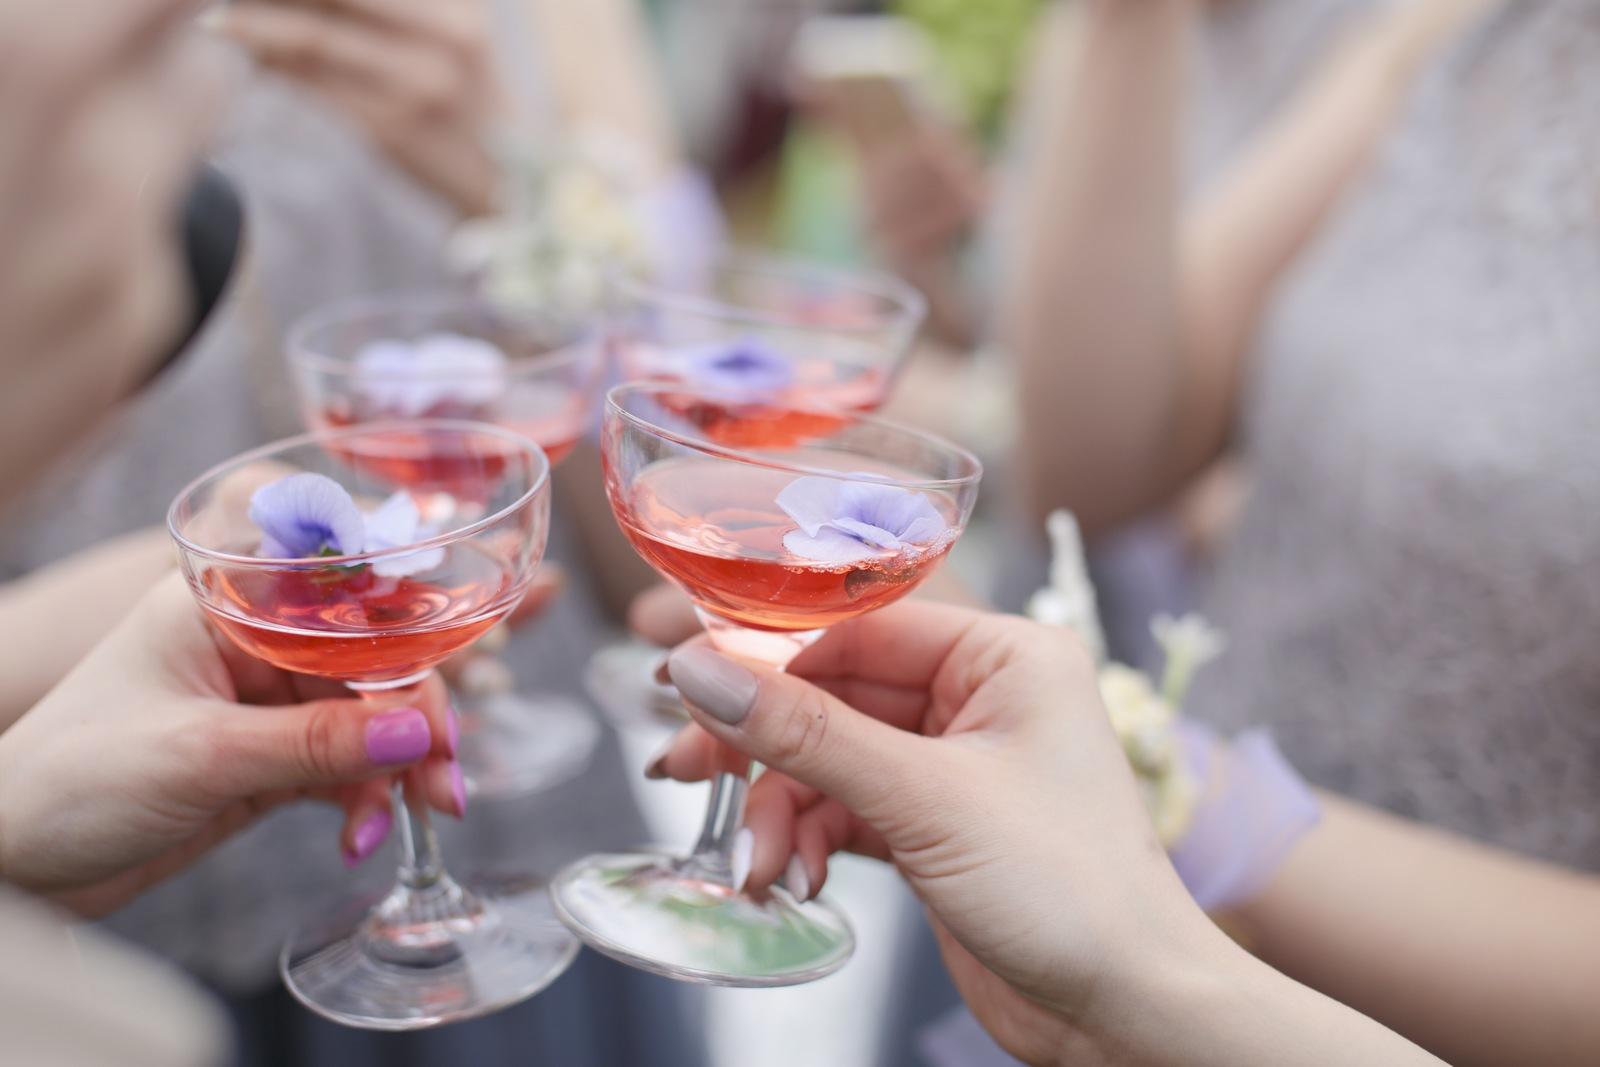 香川の結婚式場のシェルエメール&アイスタイルのおしゃれな乾杯酒